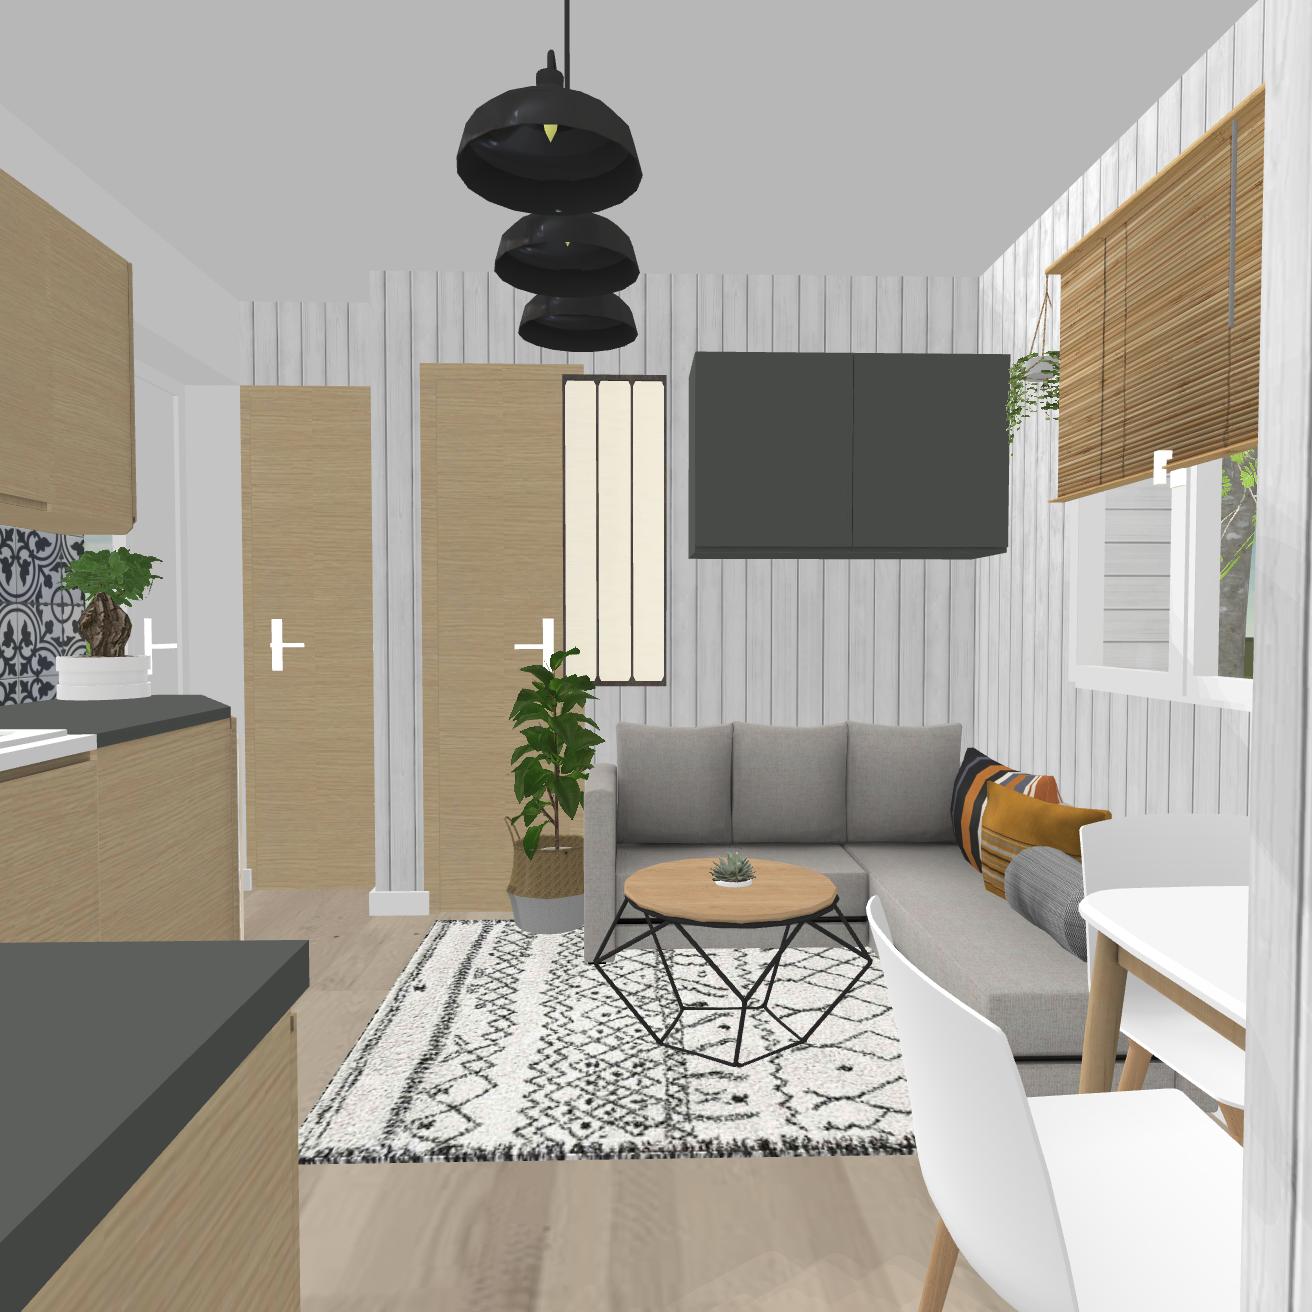 Architecte Interieur 3D Gratuit mon plan 3d mobilhome | mobilhome, idee deco